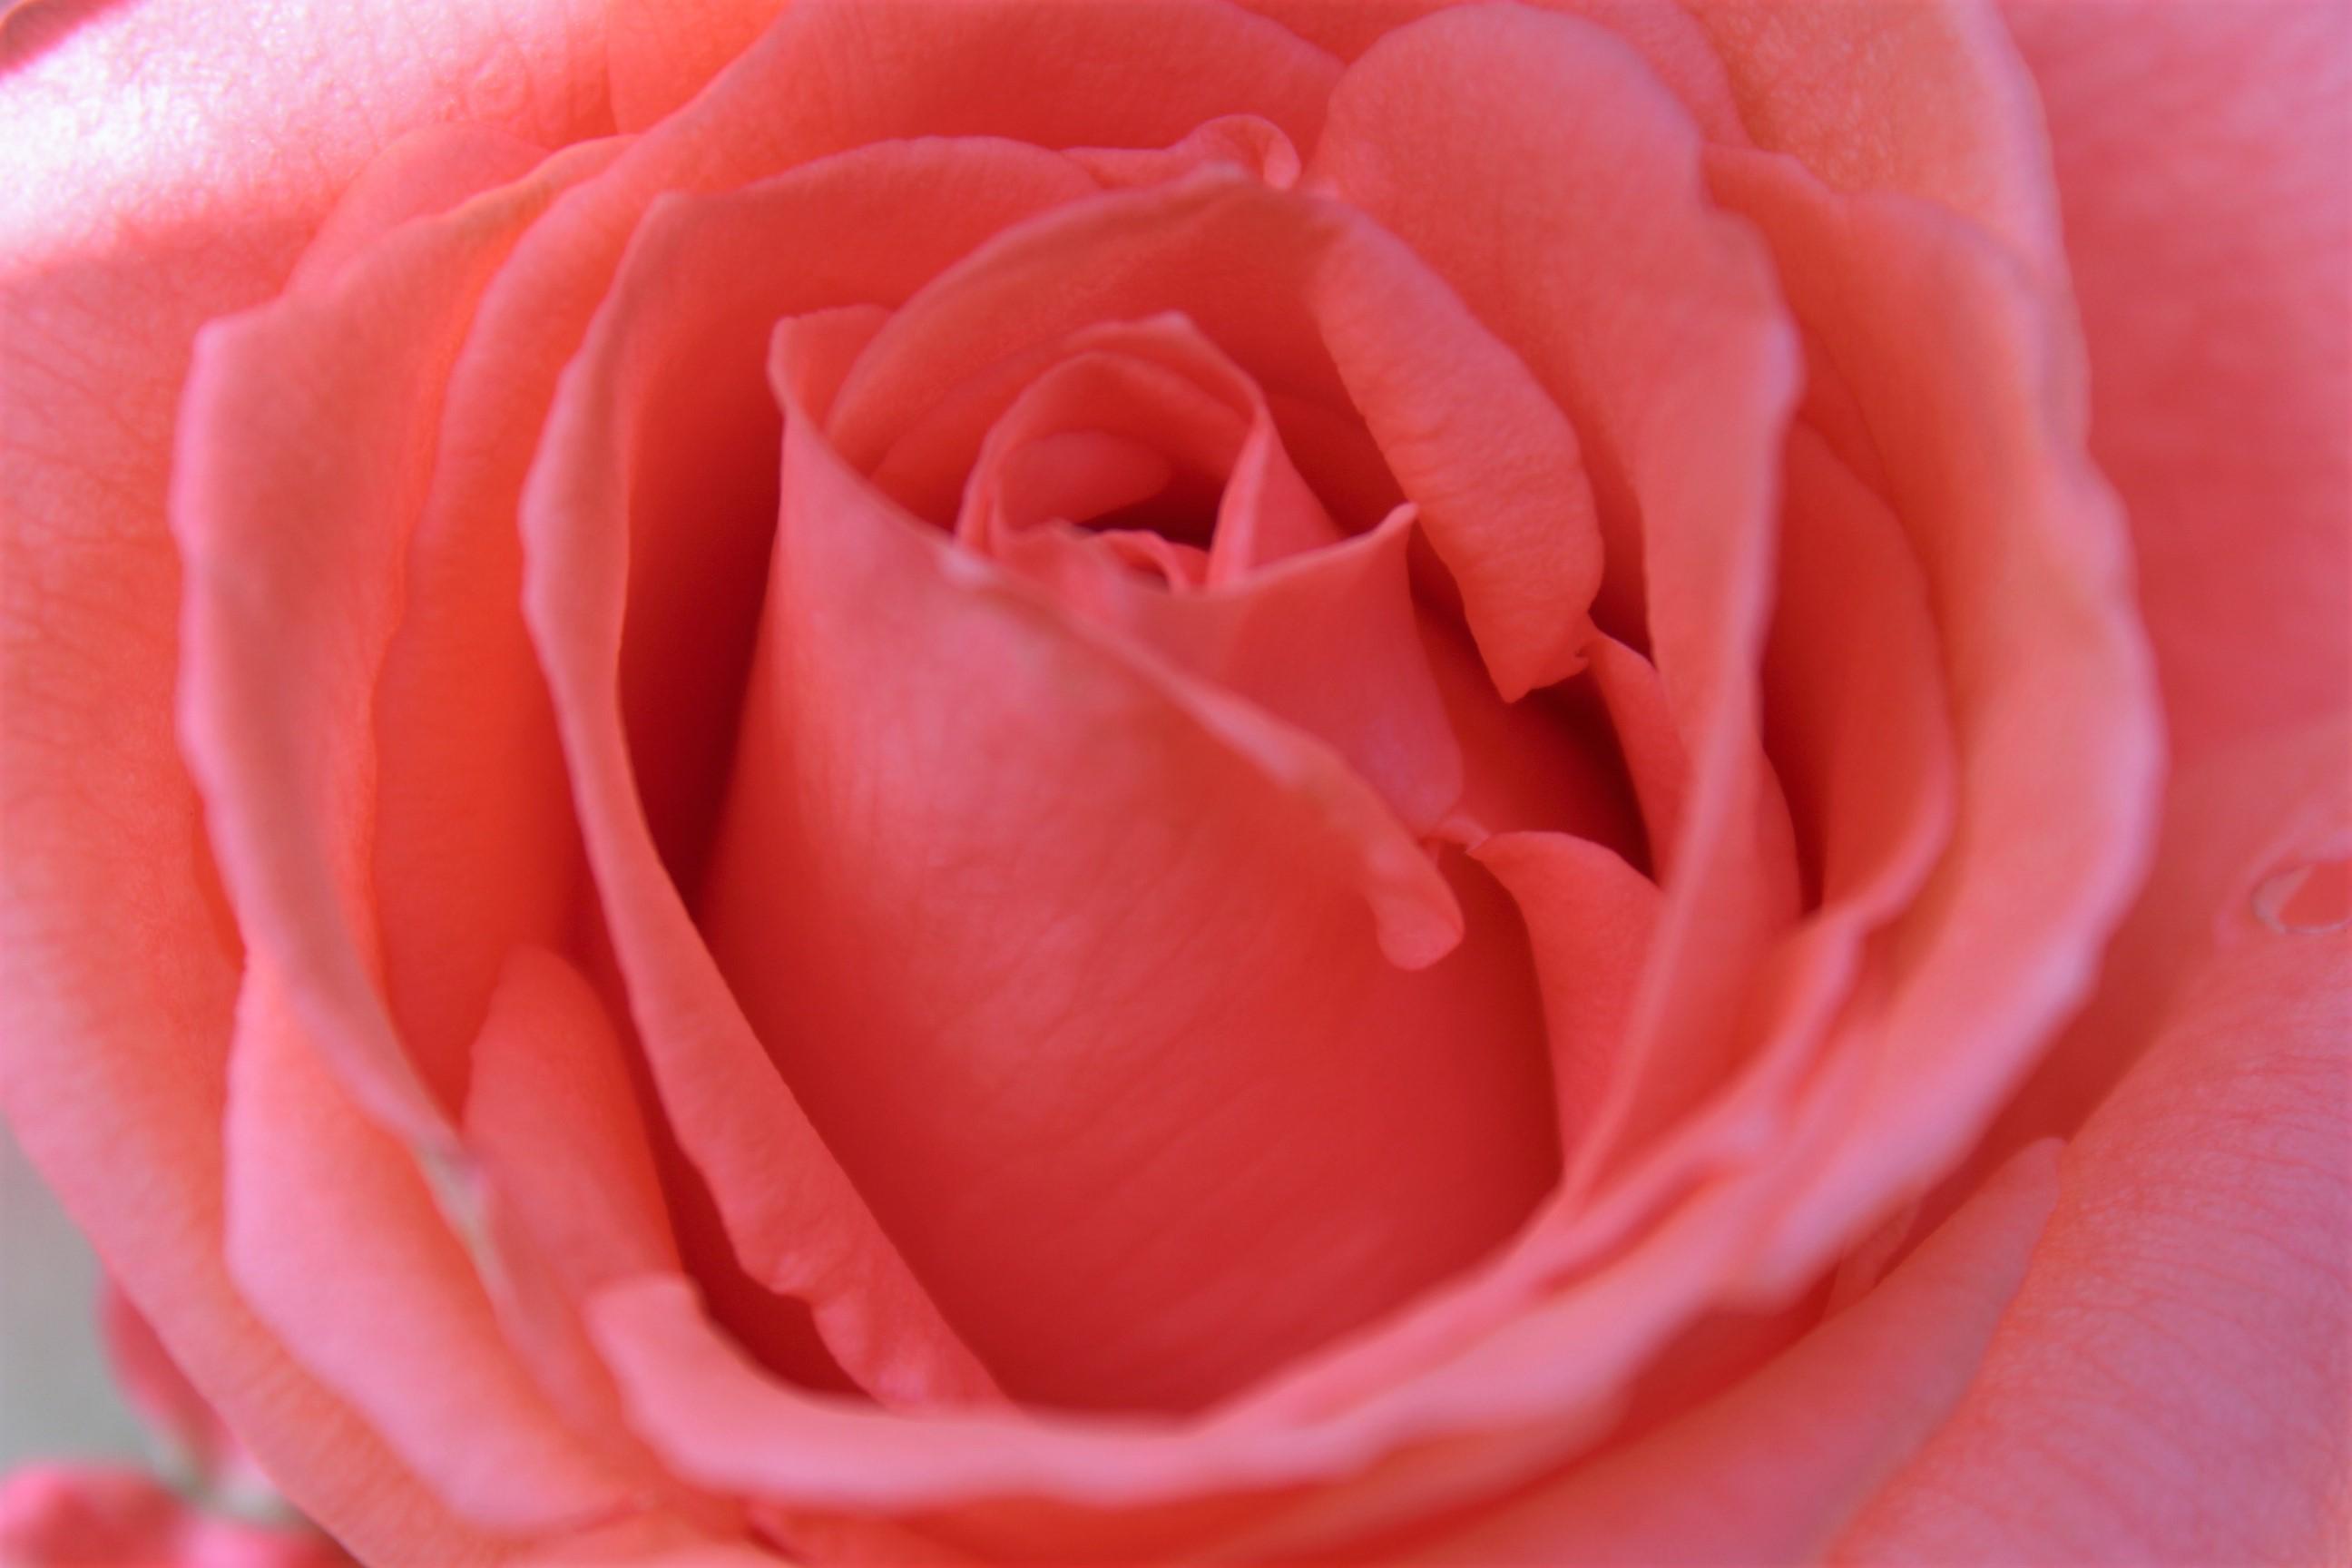 無料画像 ピンクのバラ 閉じる 赤 庭のバラ バラの家族